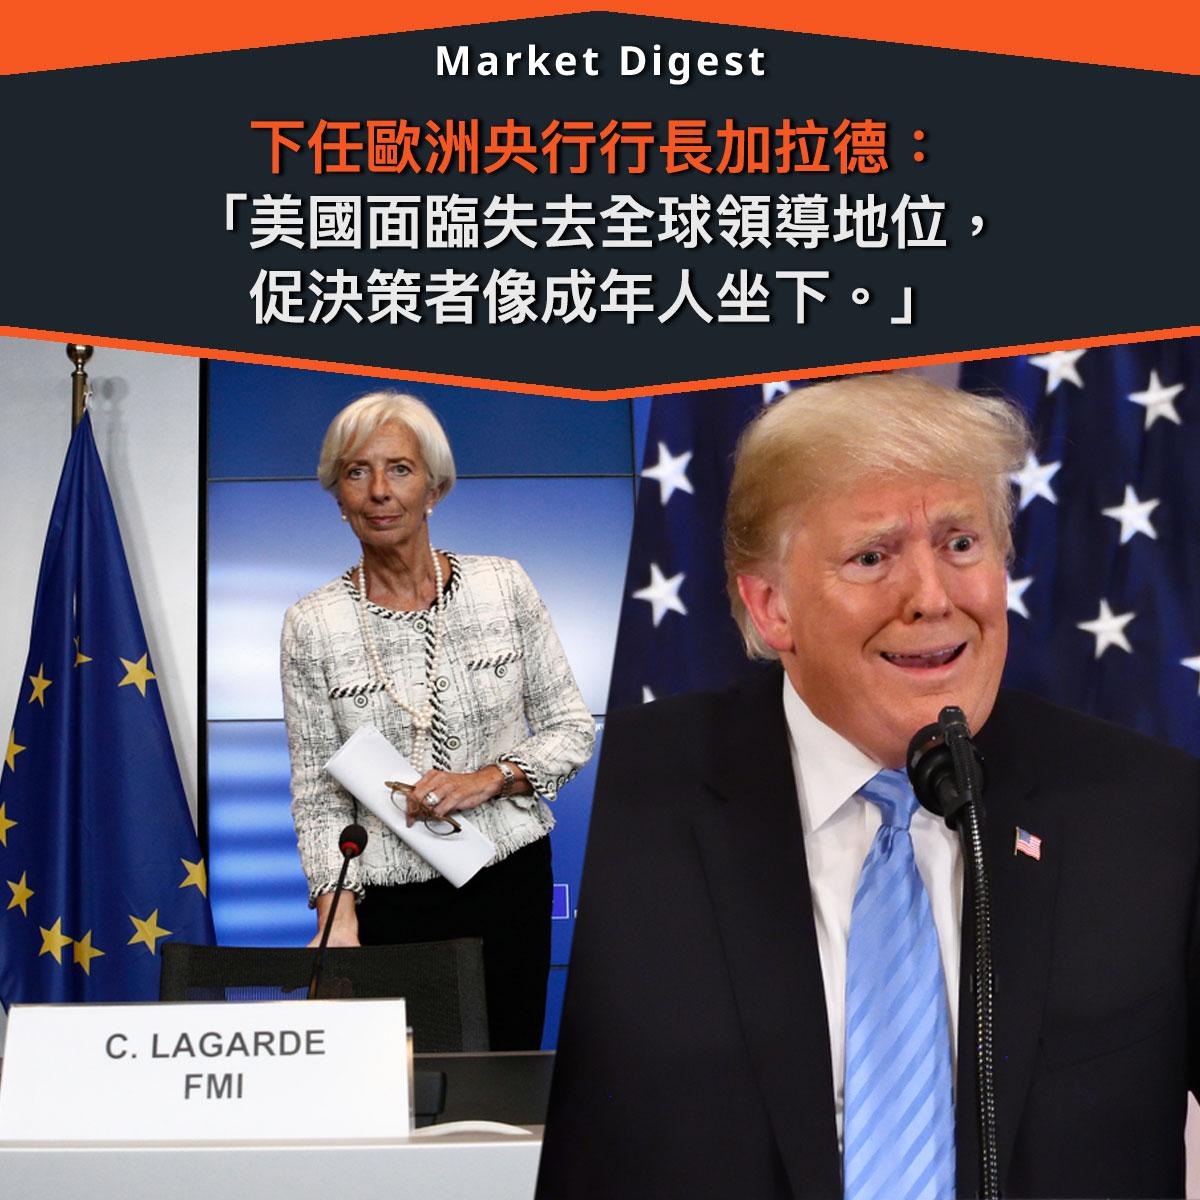 【市場熱話】下任歐洲央行行長加拉德:「美國面臨失去全球領導地位,促決策者像成年人坐下」